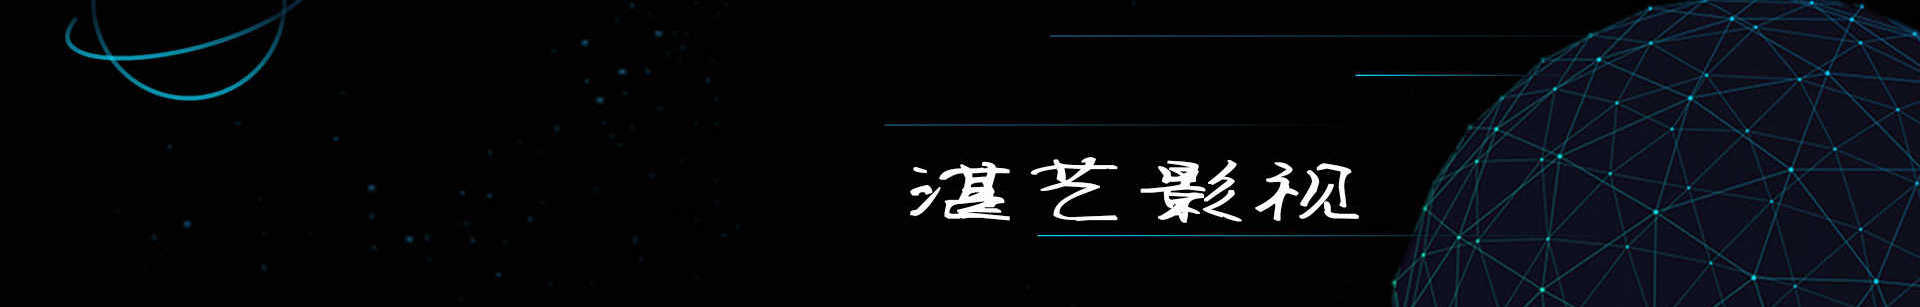 艺连中国 banner